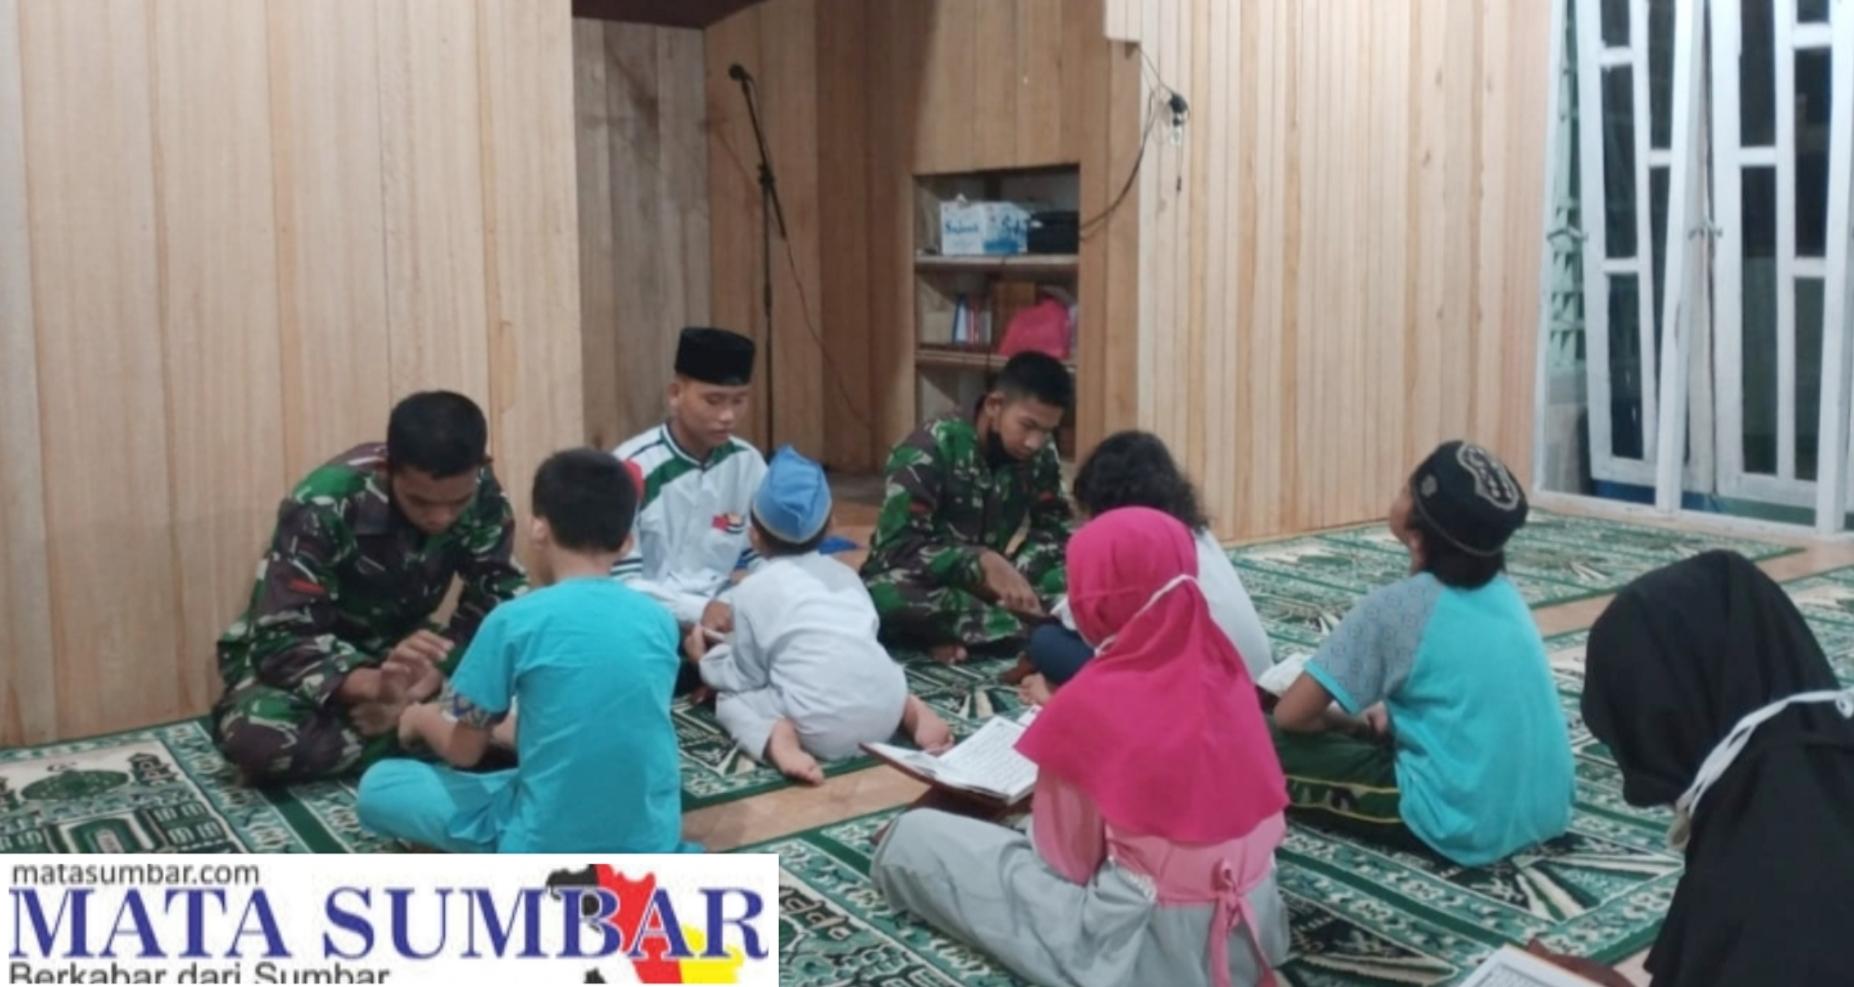 Tamtama Remaja Kodim 0319/Mentawai Luangkan Waktu Ajari Anak-Anak Mengaji